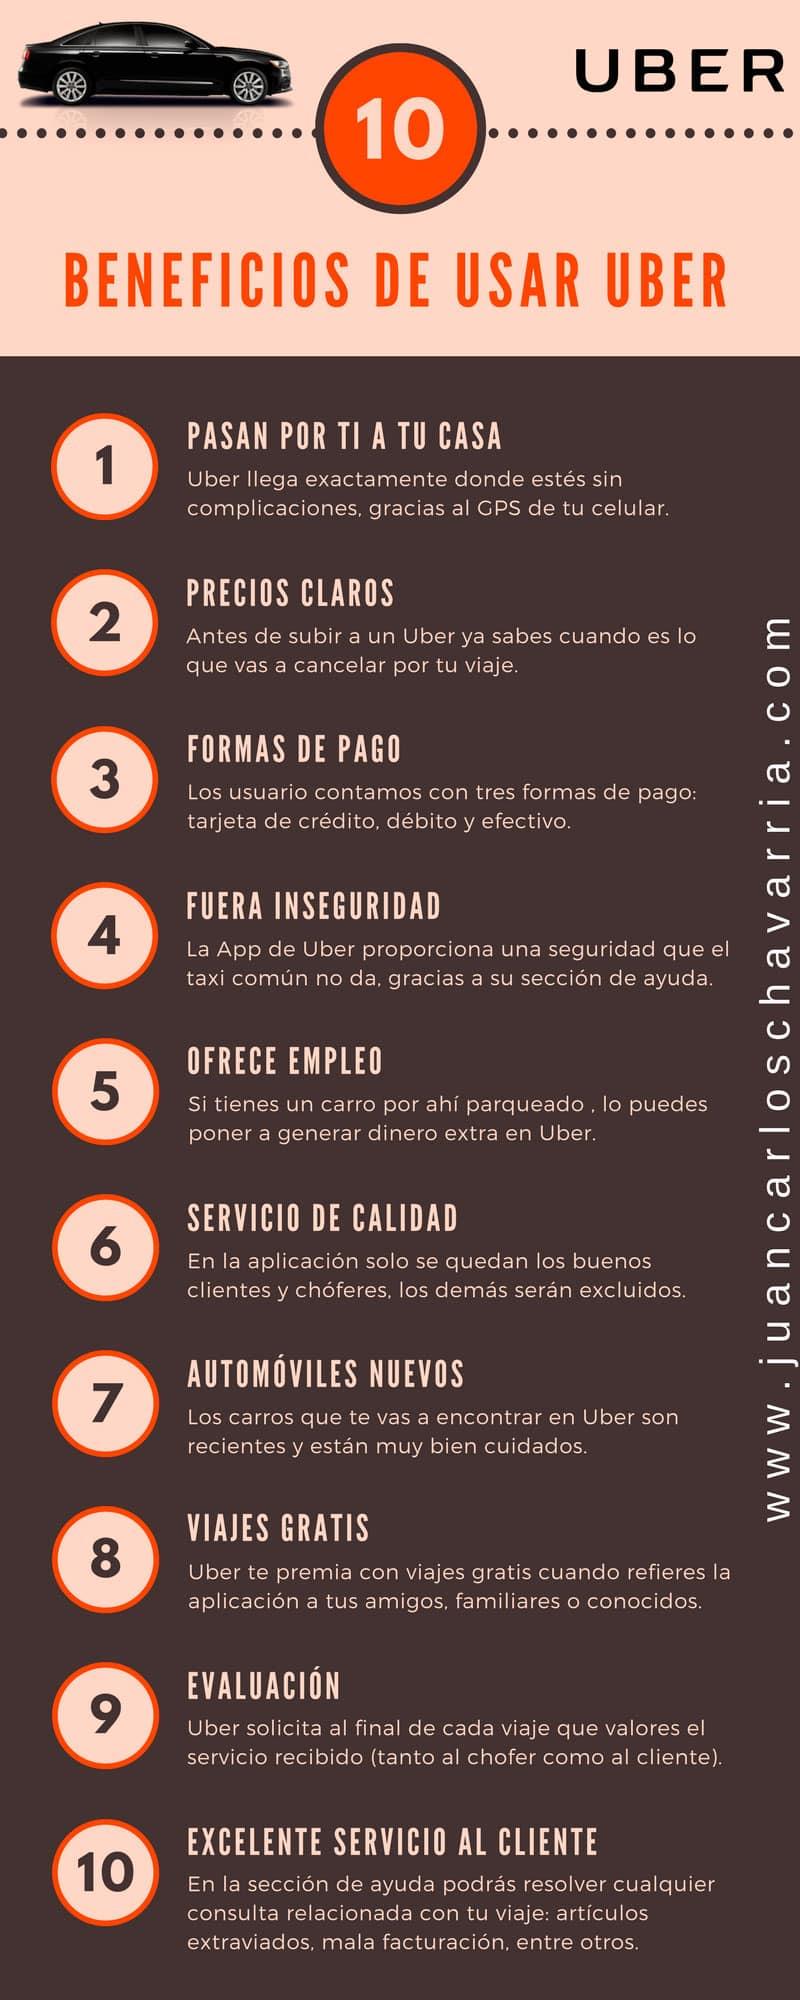 Beneficios de Utilizar Uber en Costa Rica